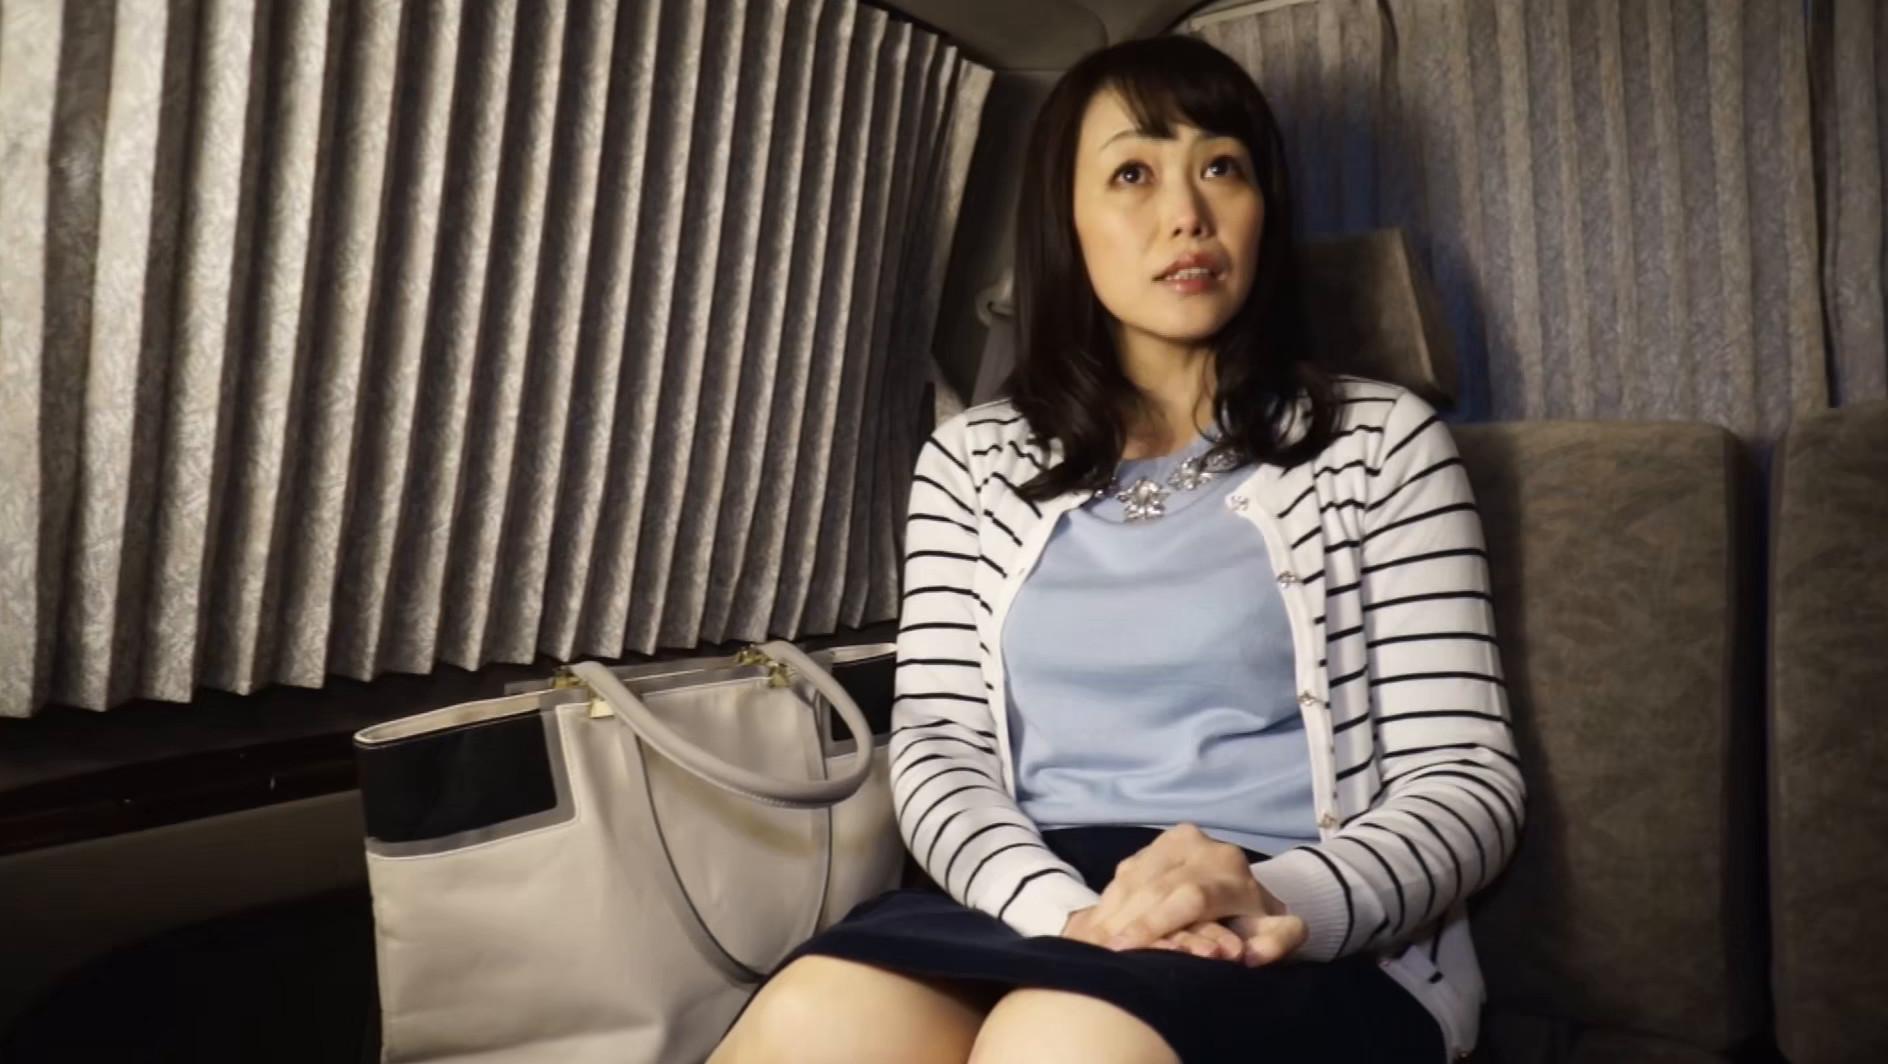 【四十路】素人熟妻インタビュー 128人目,のサンプル画像1